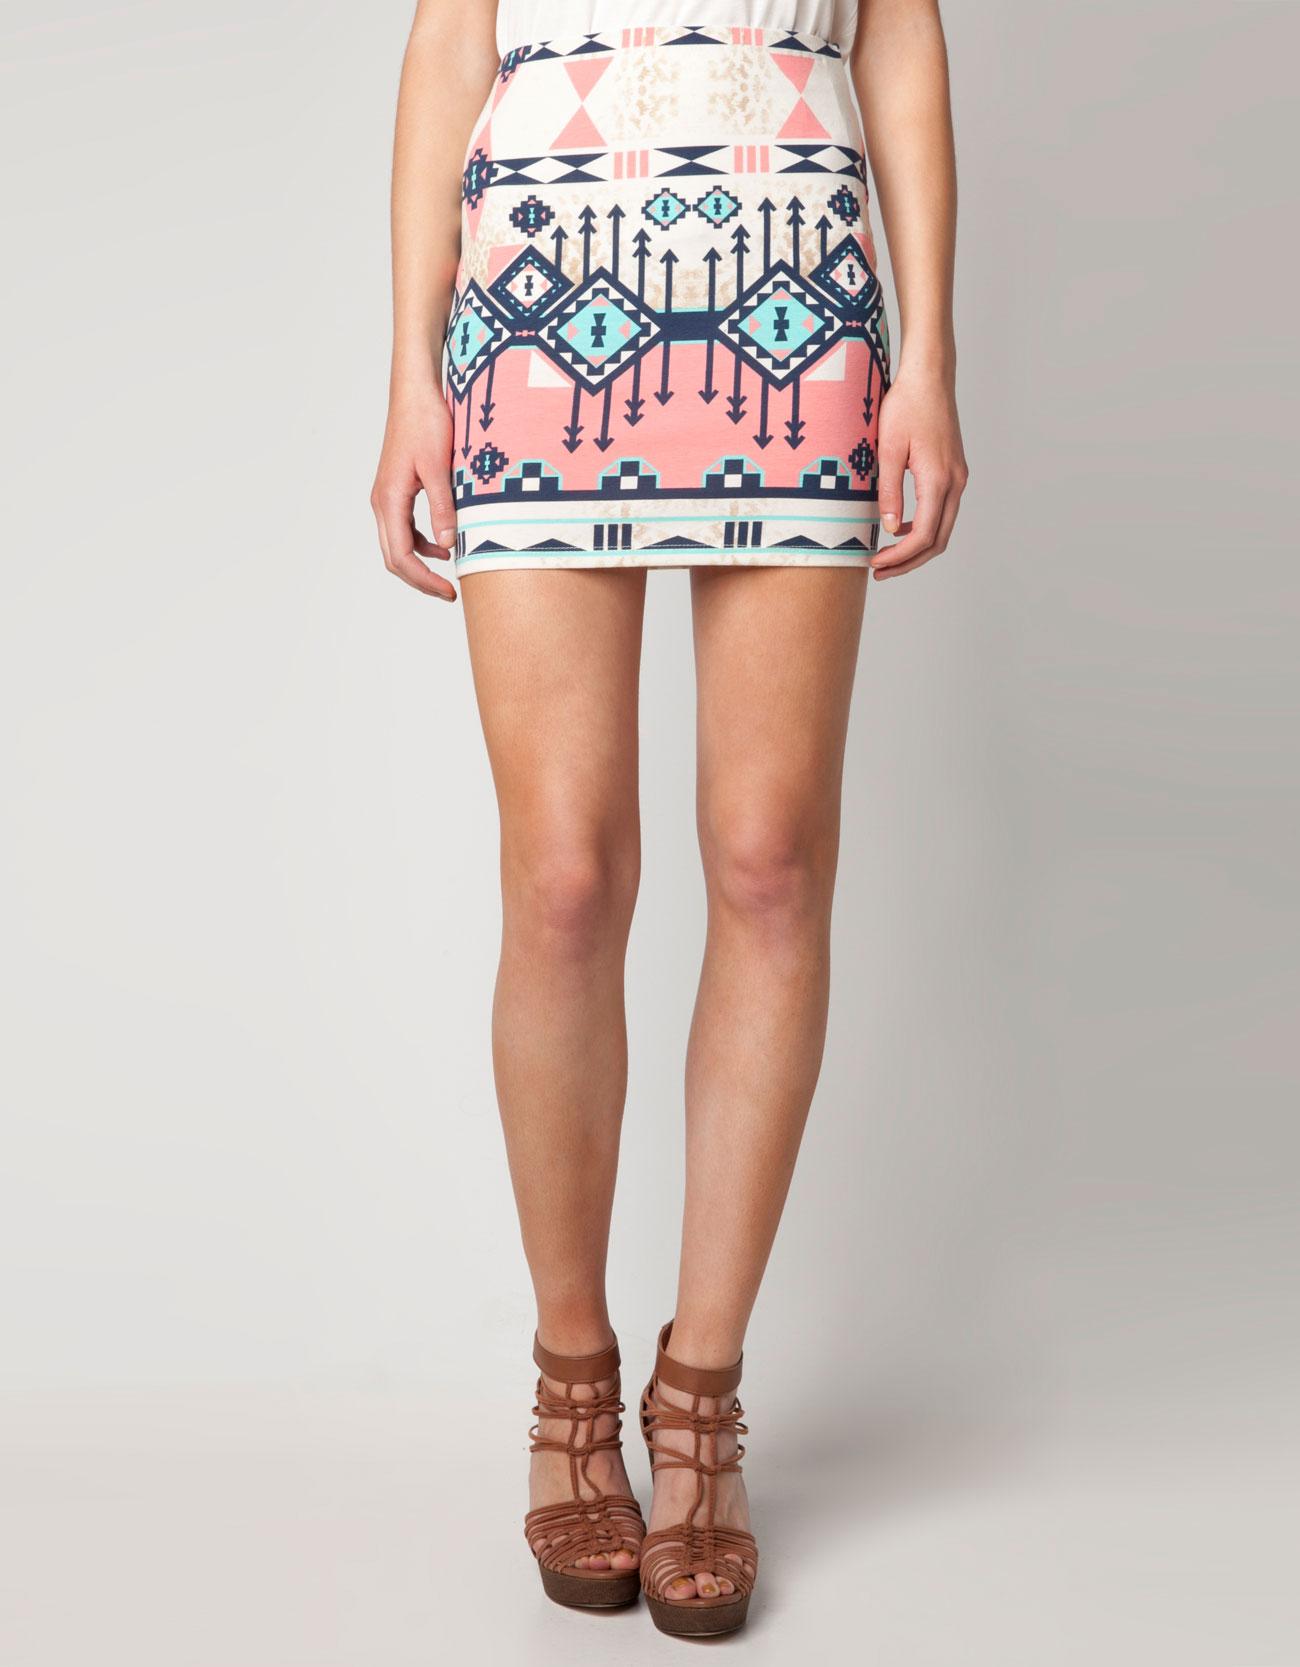 Bershka multiple print skirt